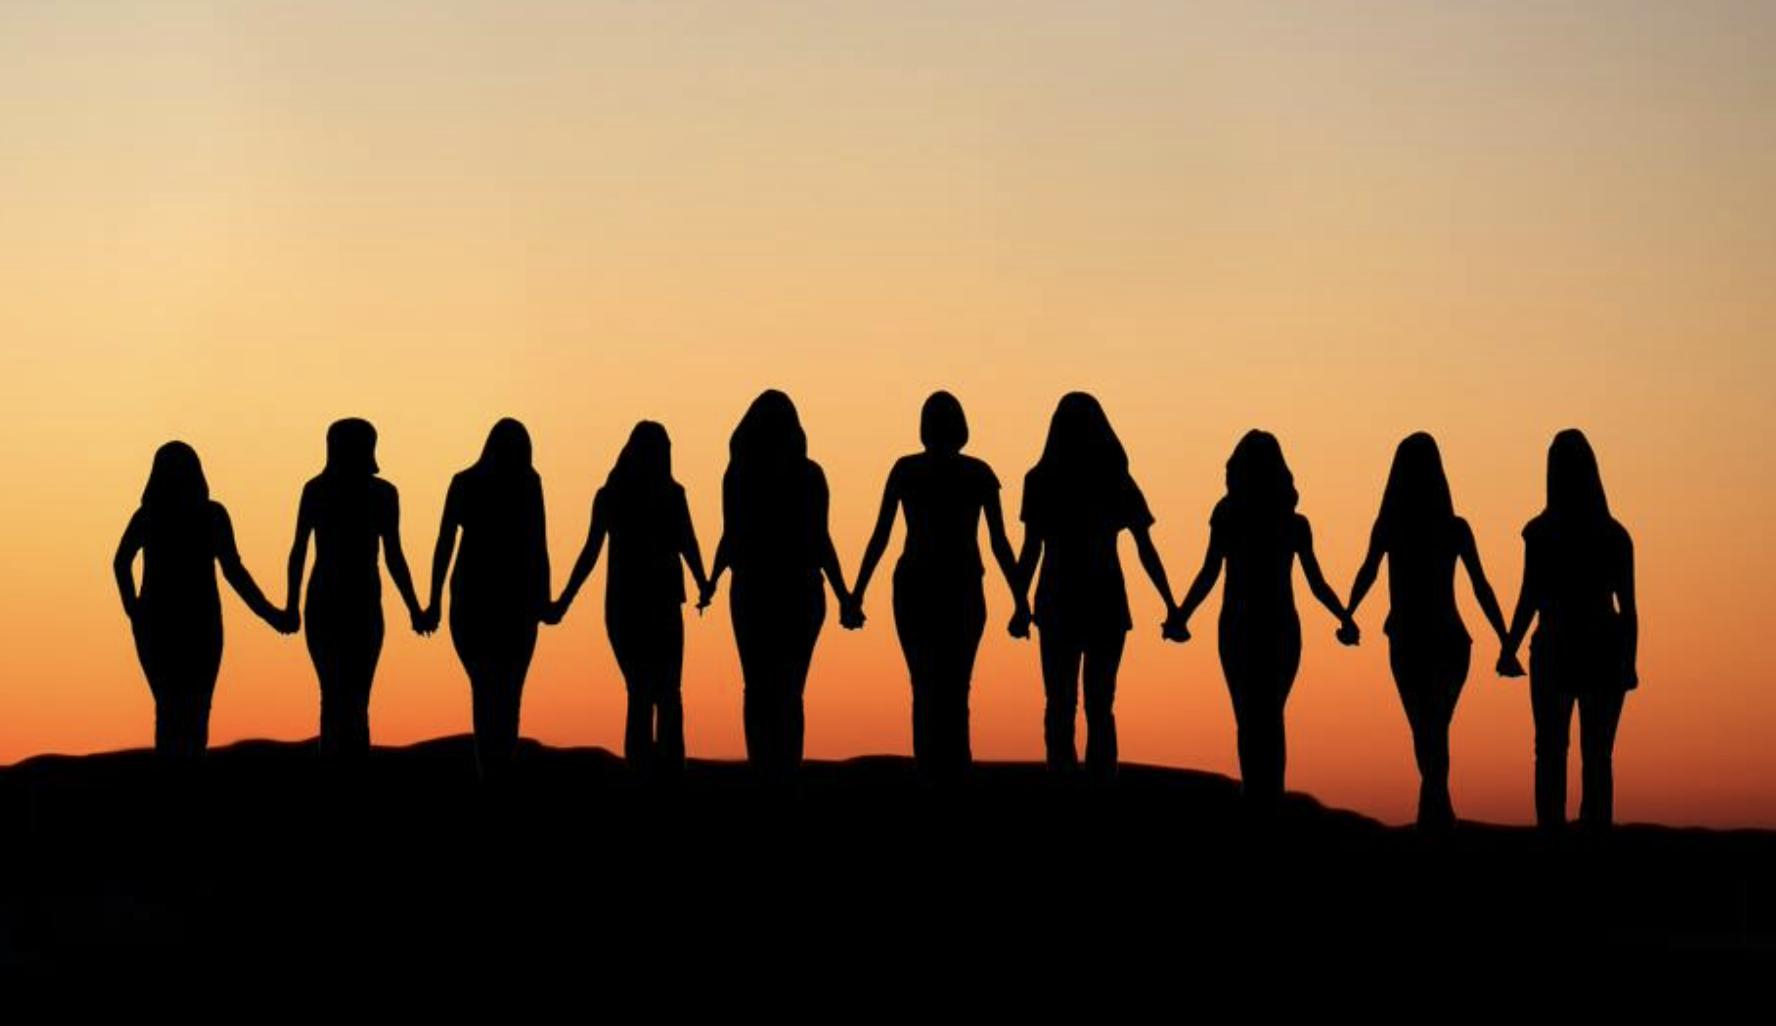 """Stati Generali delle Donne Nazionali, della Basilicata e della Campania: 10 febbraio webinar sul tema """"I Progetti e le Parole delle Donne per il Paese che verrà"""""""